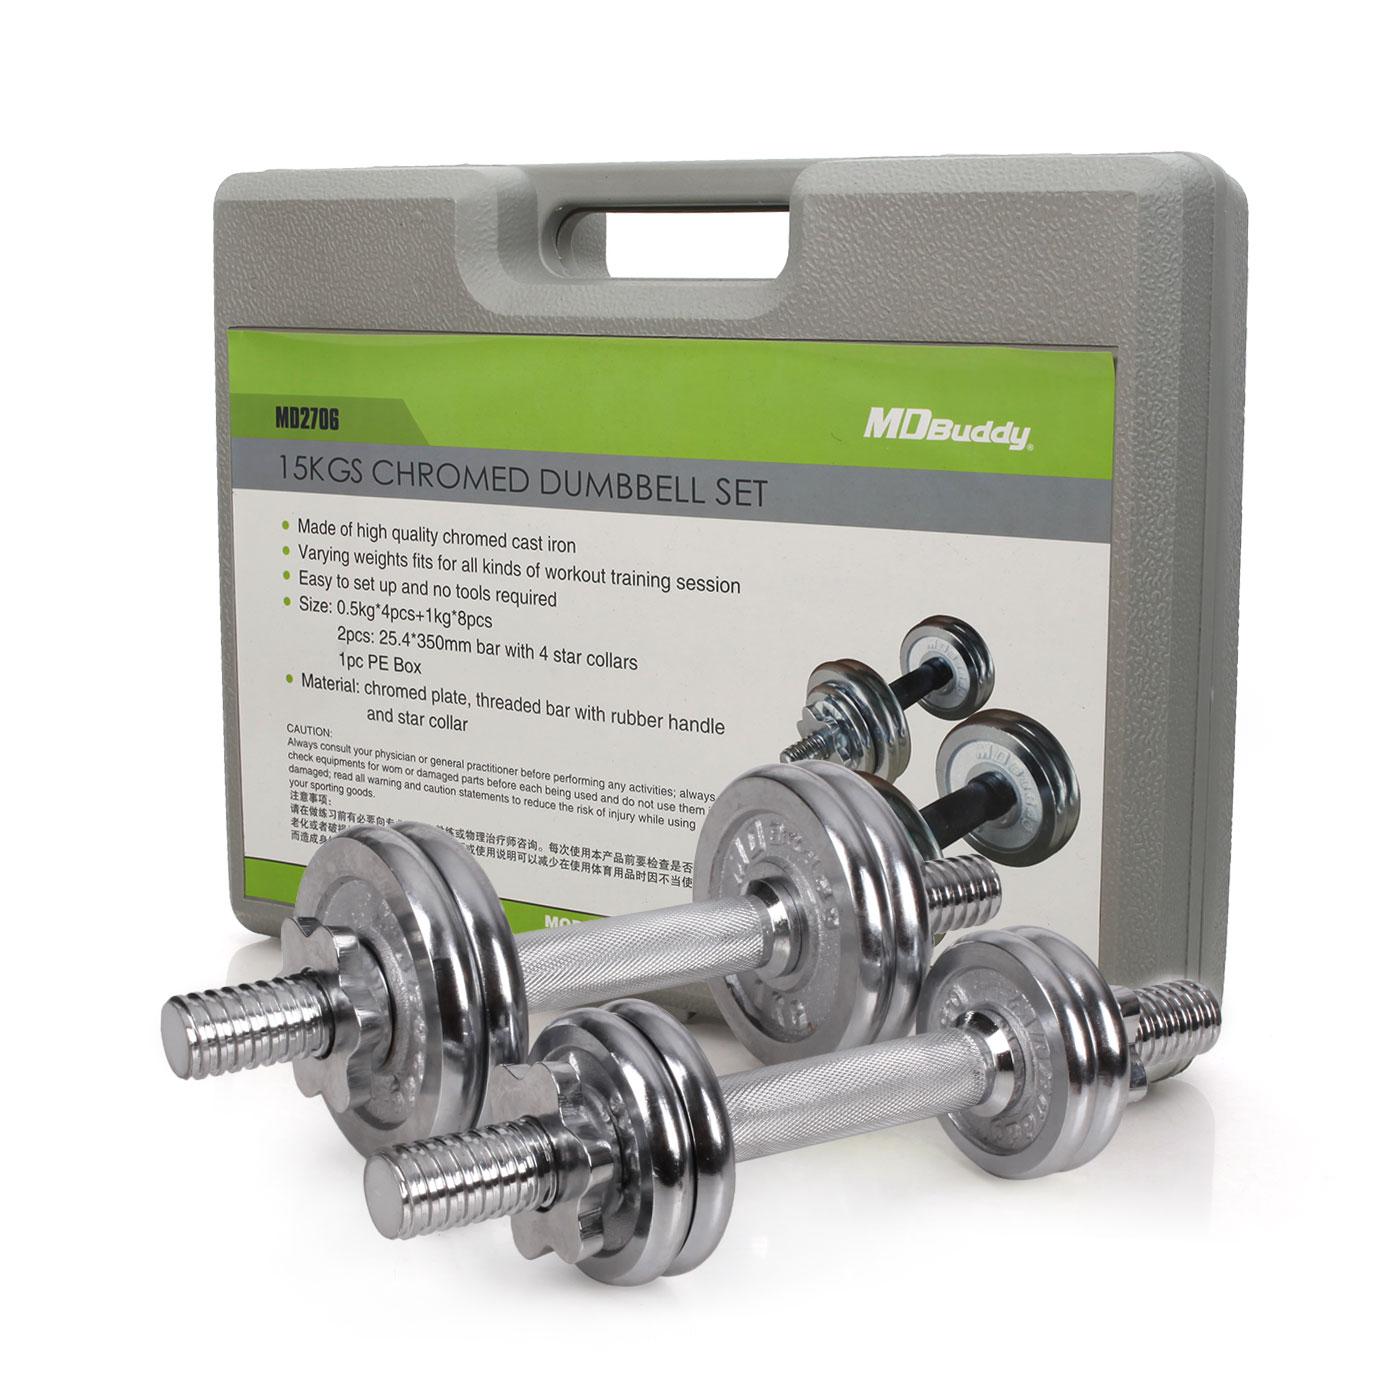 MDBuddy 電鍍組合式啞鈴(灰色盒子) 6012701 - 隨機